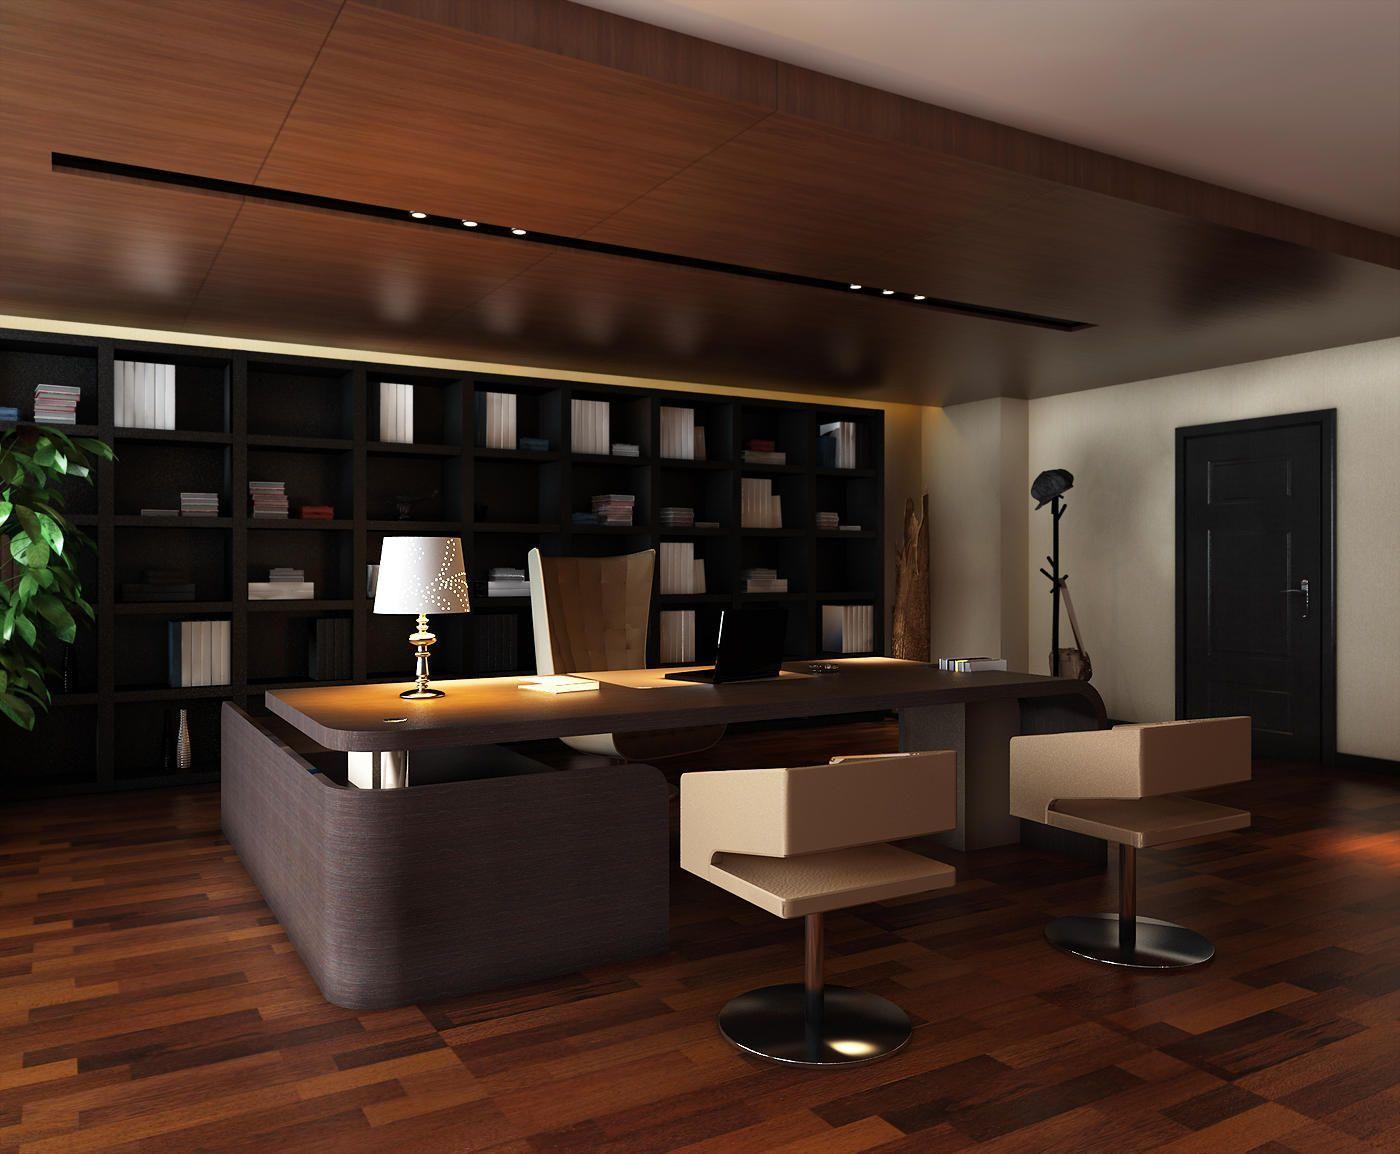 Executive Home Office Ideas Interior Design Executive Office Design Home Office Design Office Interior Design